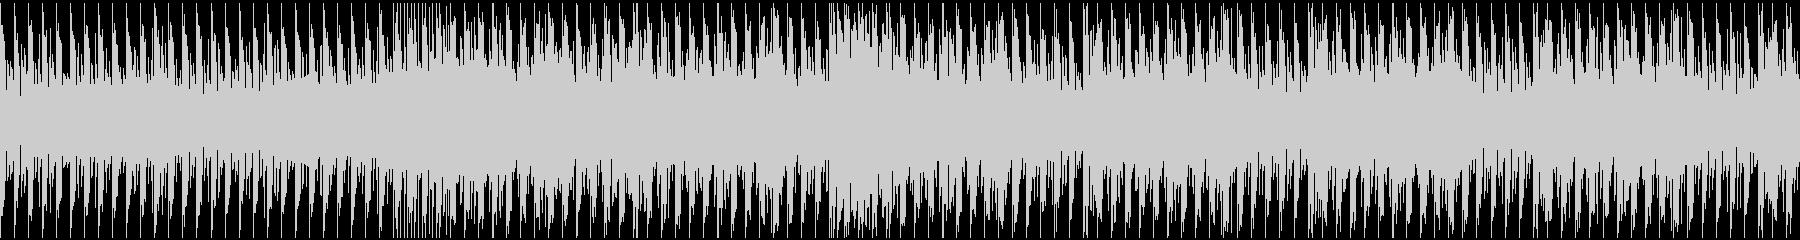 ノリのいいトランス ループの未再生の波形